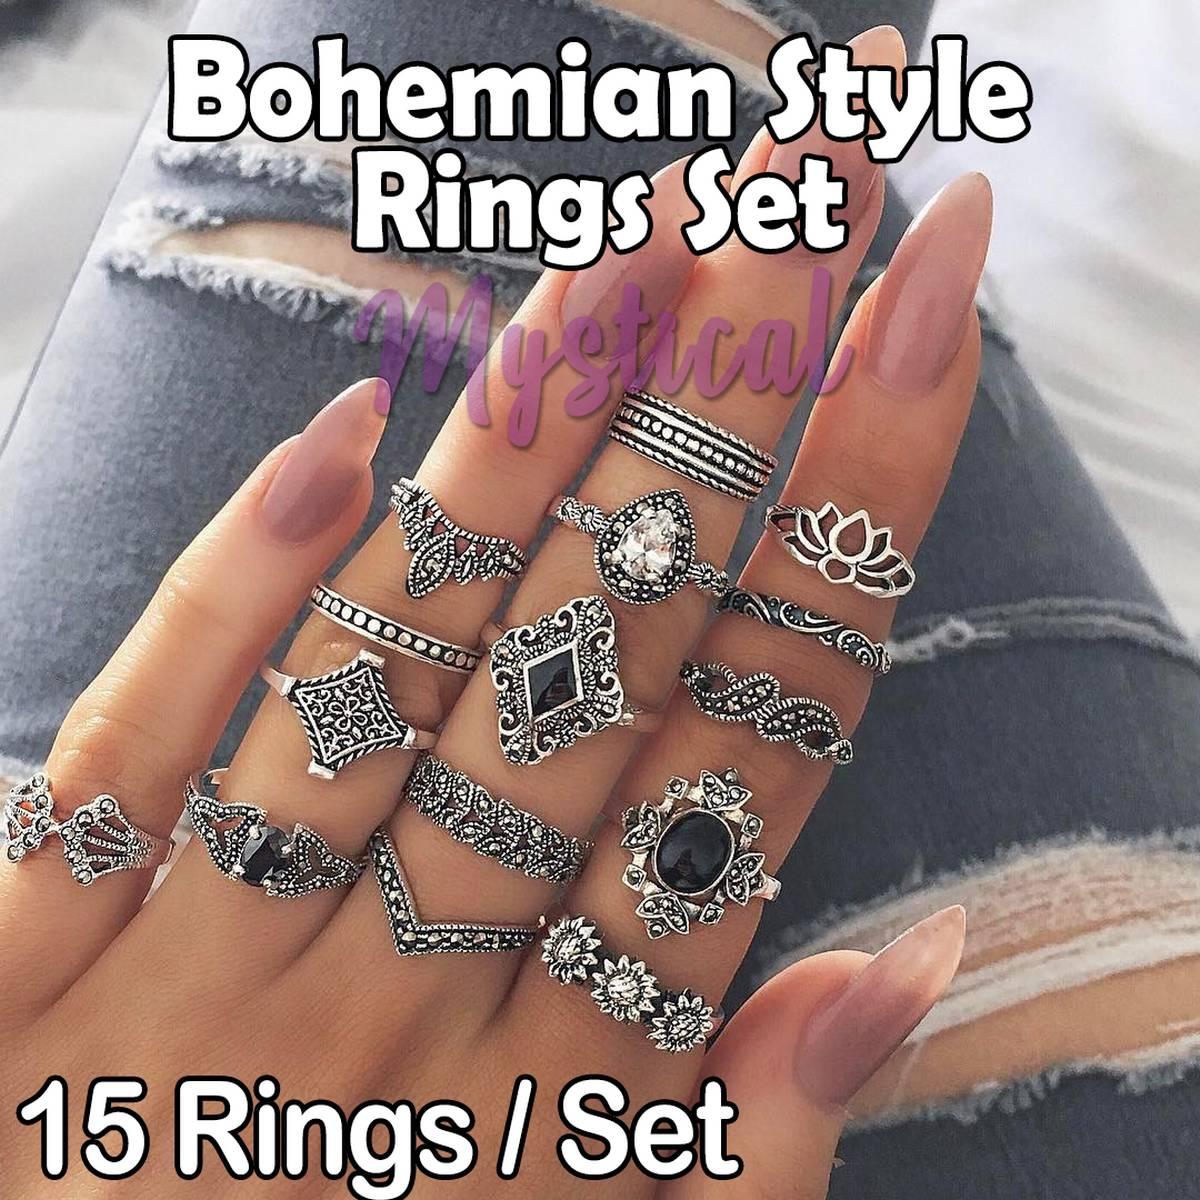 15 Rings Set for Girls - Bohemian Style Rings Set - Vintage Ring Set - Silver Plated Rings Set - Rings Set for Women